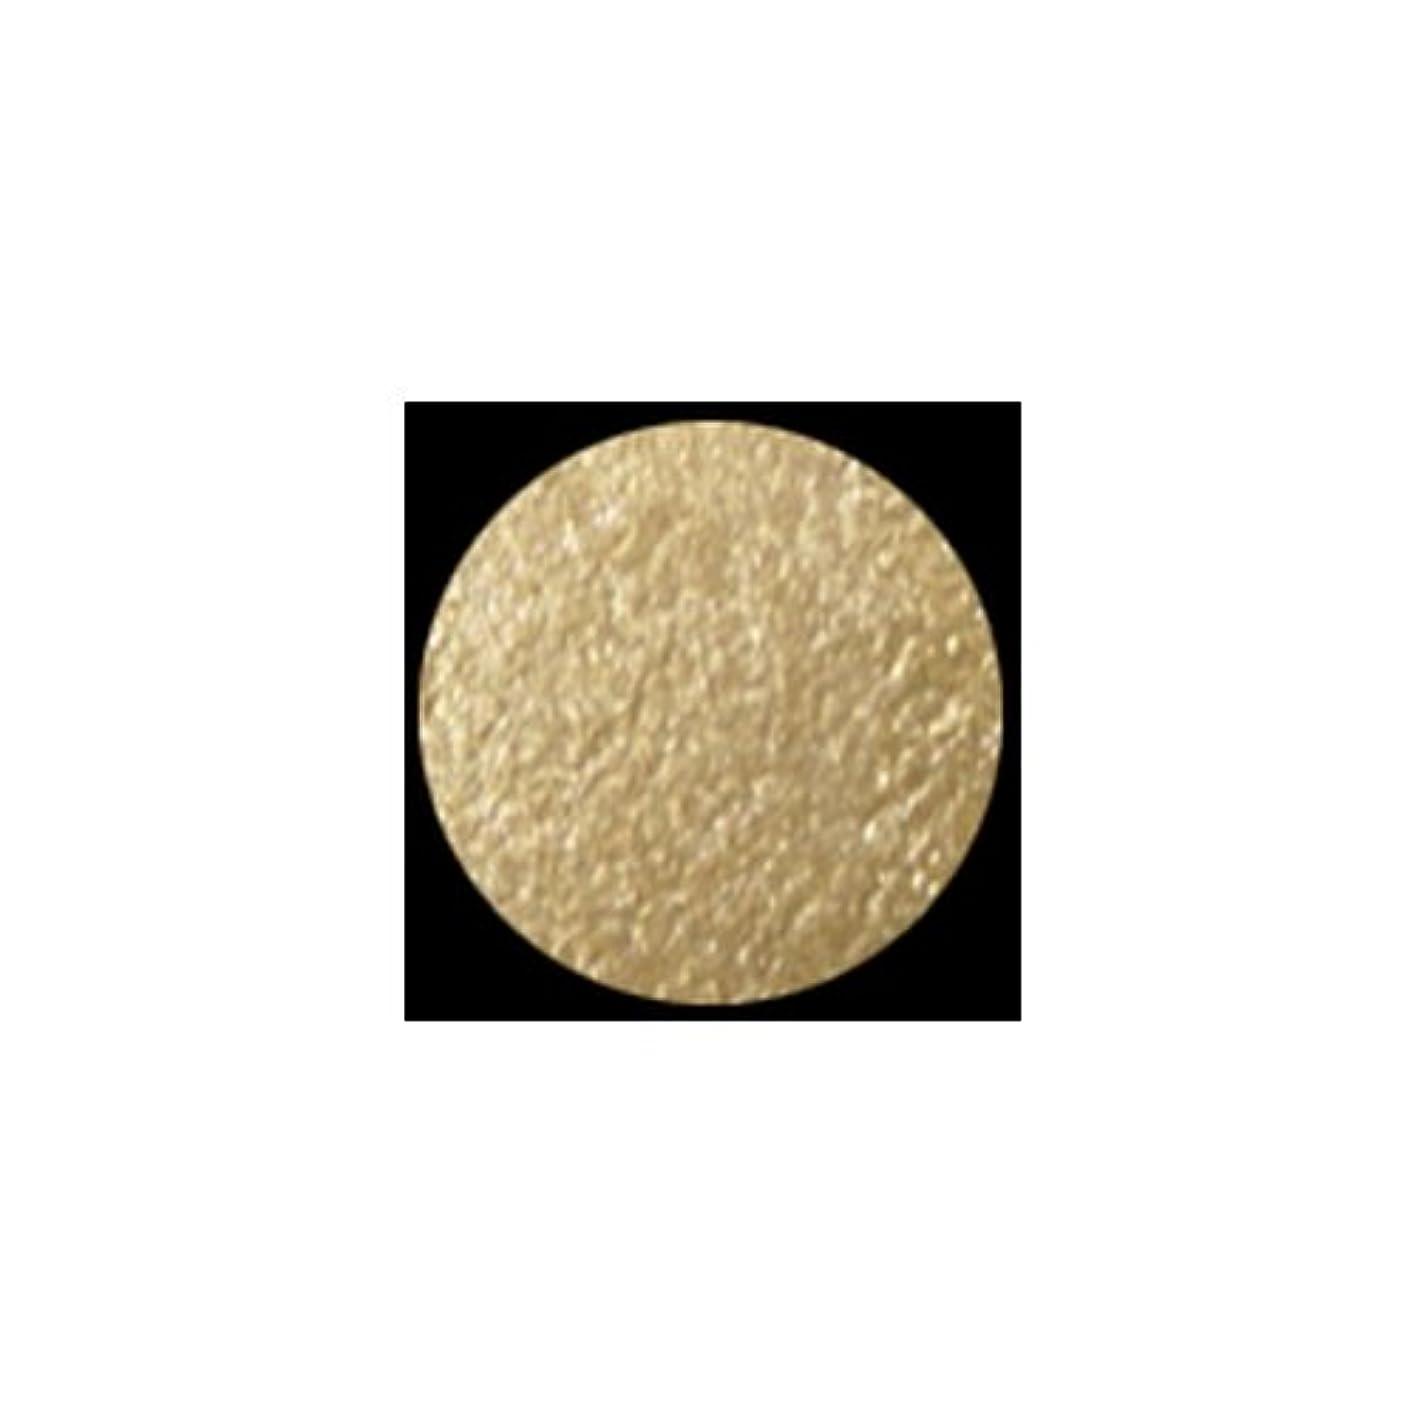 非武装化心配するかみそり(3 Pack) KLEANCOLOR American Eyedol (Wet/Dry Baked Eyeshadow) - Champagne (並行輸入品)